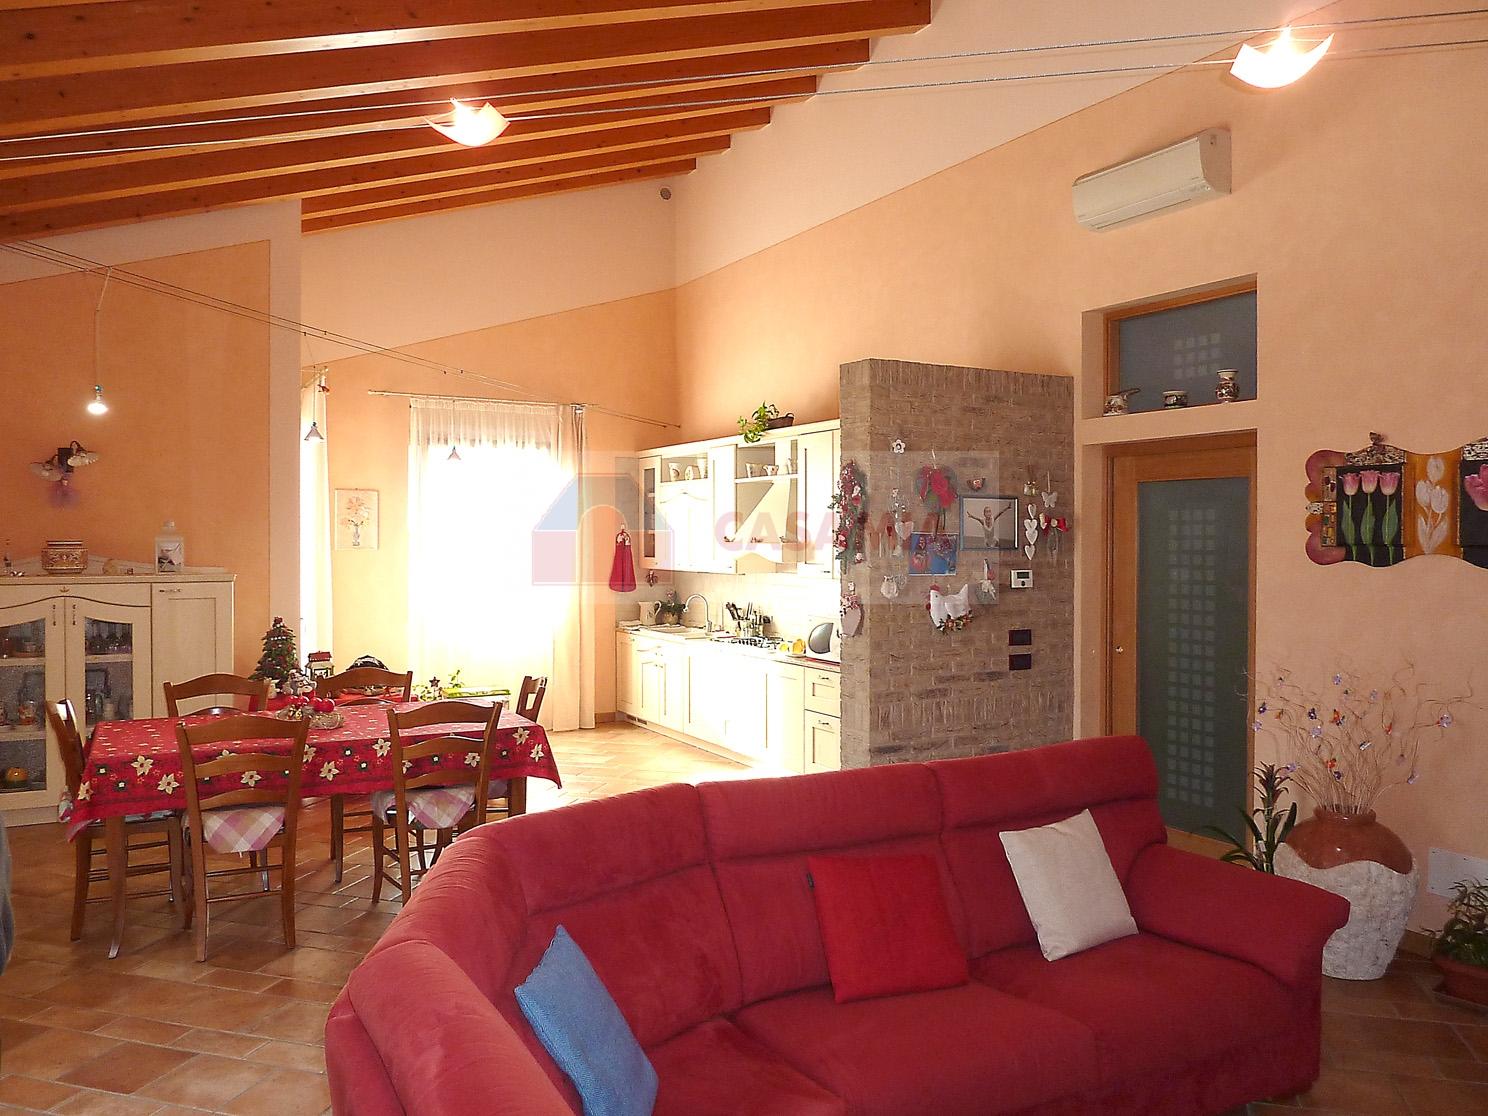 Villa Bifamiliare in vendita a Ormelle, 9 locali, Trattative riservate | CambioCasa.it